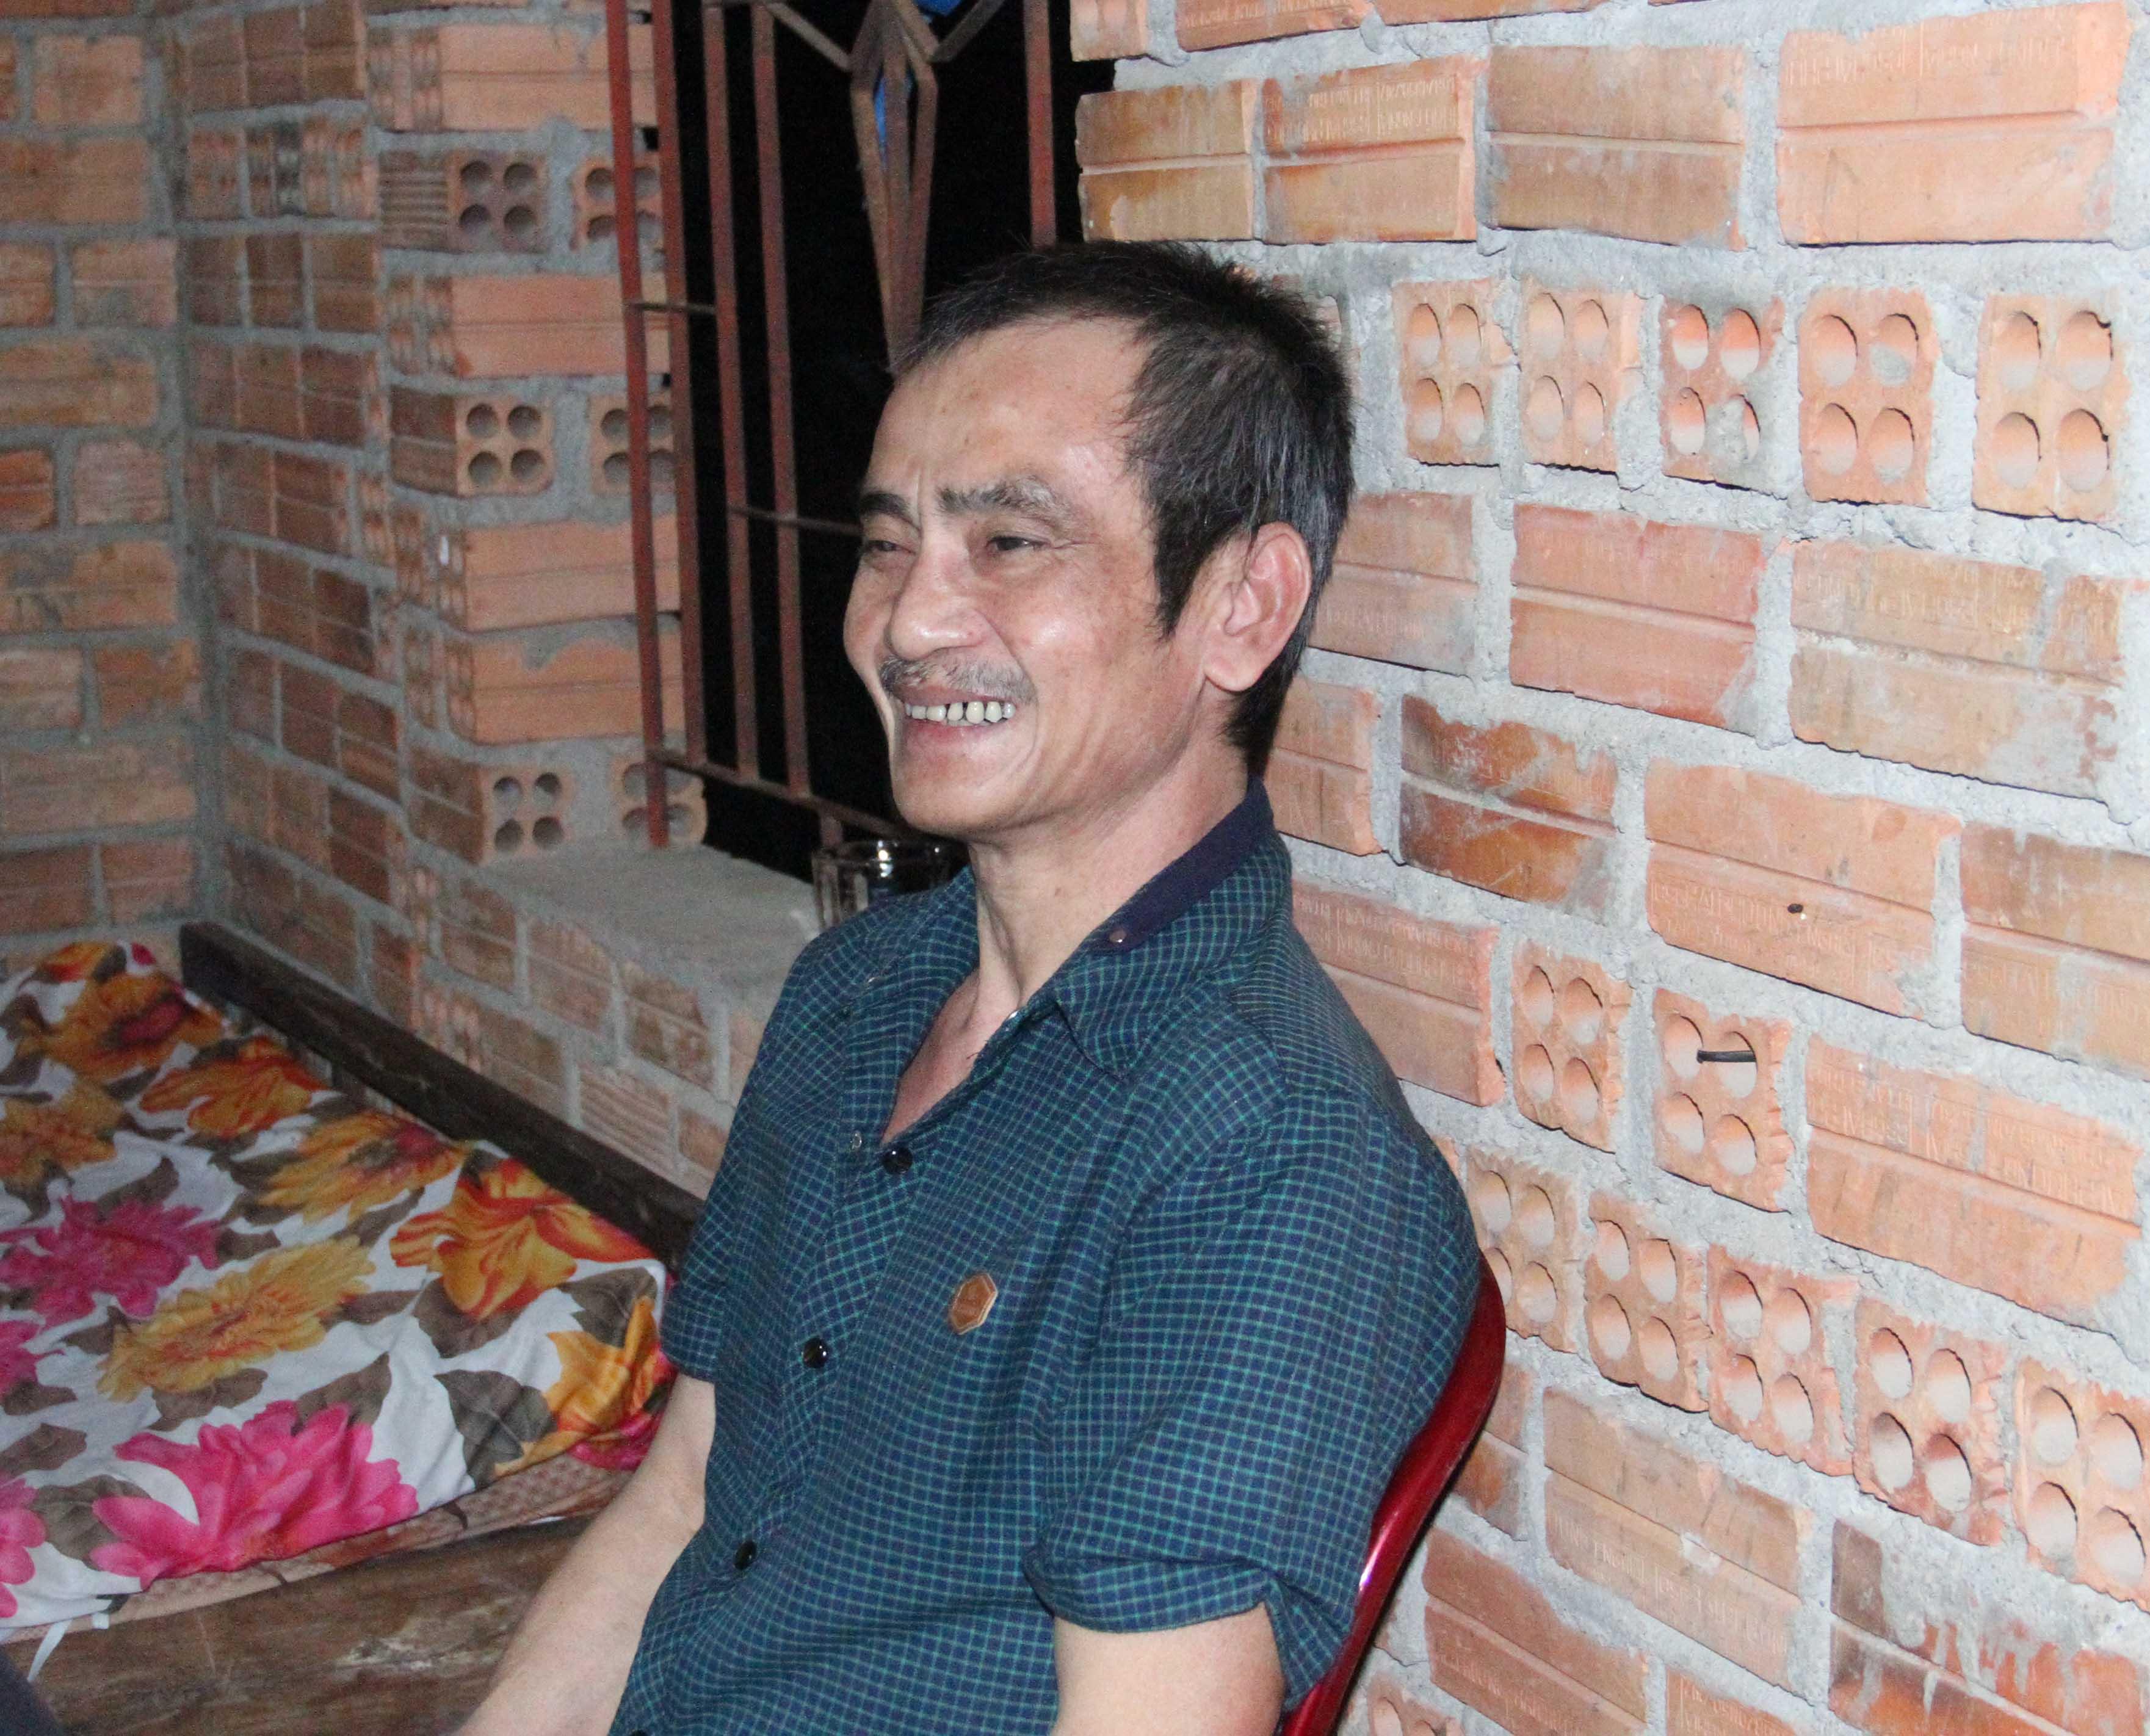 Ông Huỳnh Văn Nén vừa mới được cho tại ngoại sau 17 năm giam giữ